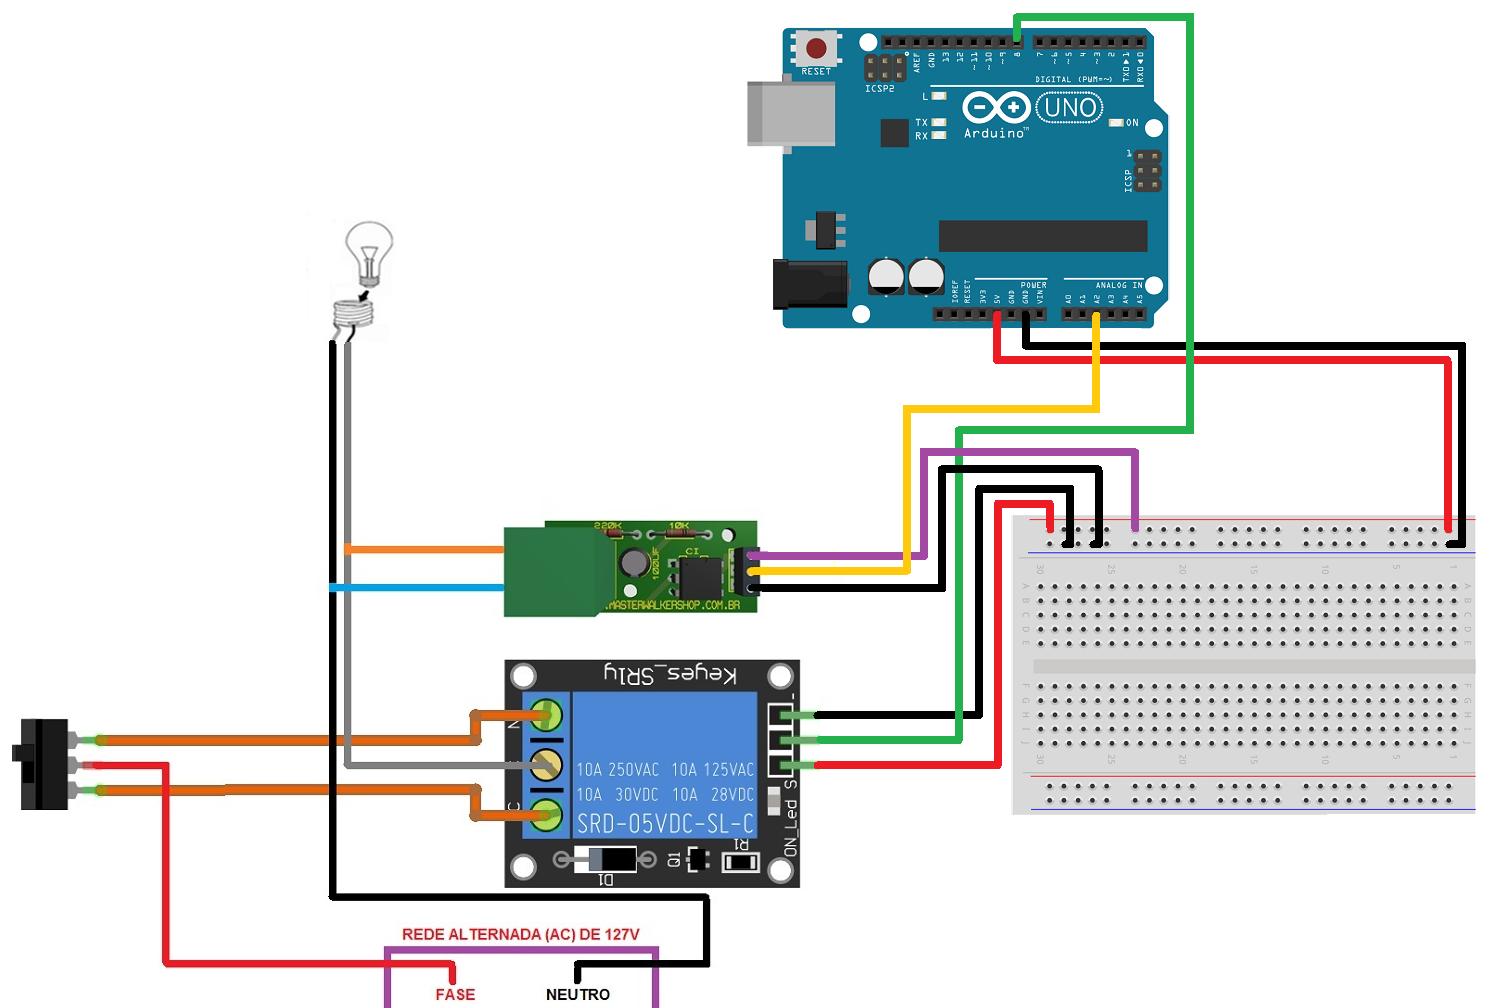 img01_arduino_utilizando_o_sensor_detector_de_tensao_ac_127v_220v_automacao_residencial_three_way_paralelo_nodemcu_esp8266